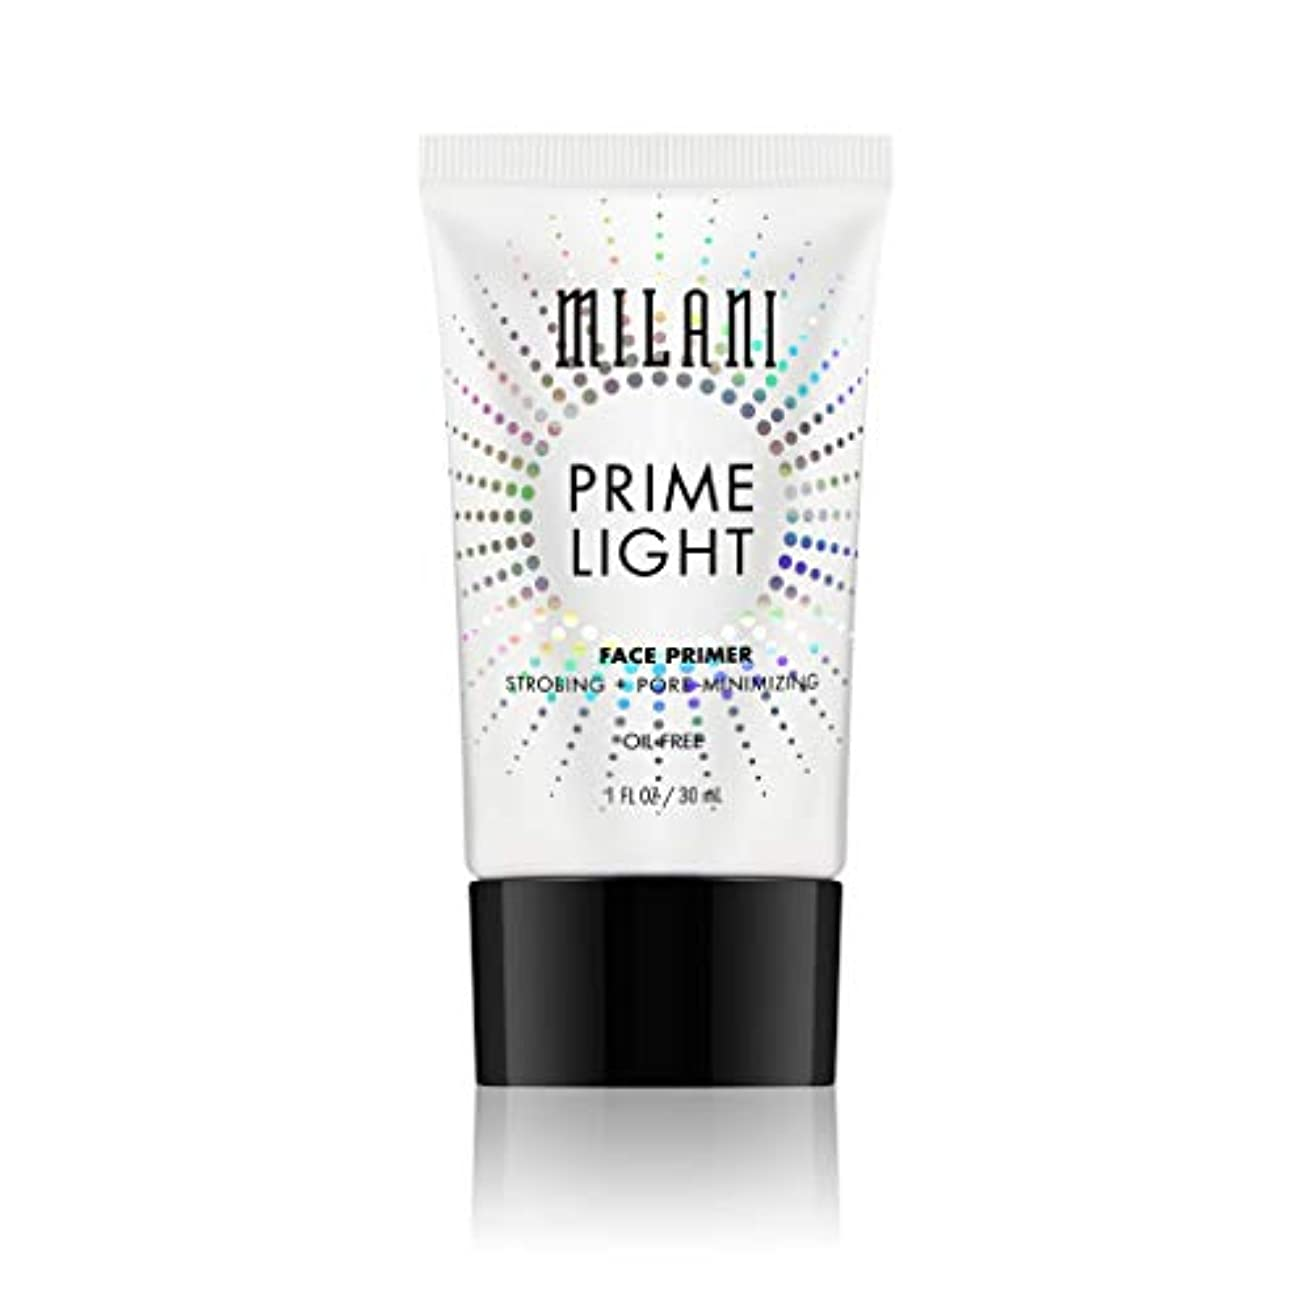 構造キャプション煙MILANI Prime Light Strobing + Pore-Minimizing Face Primer (並行輸入品)